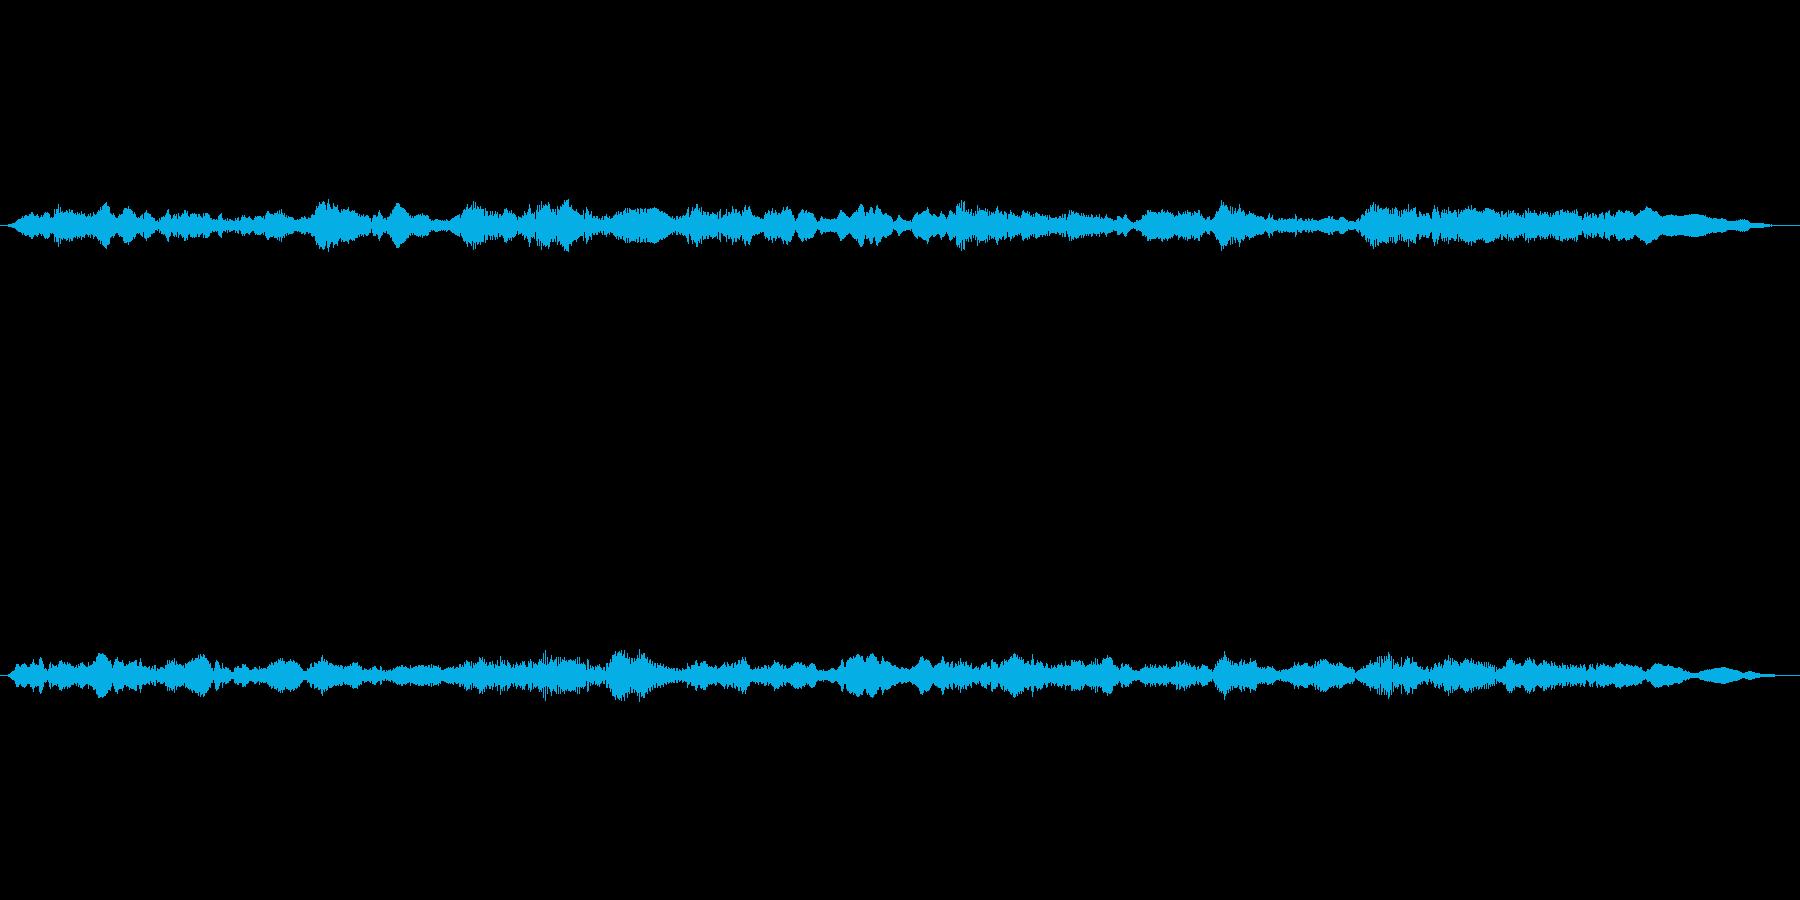 (メヌエット)の再生済みの波形